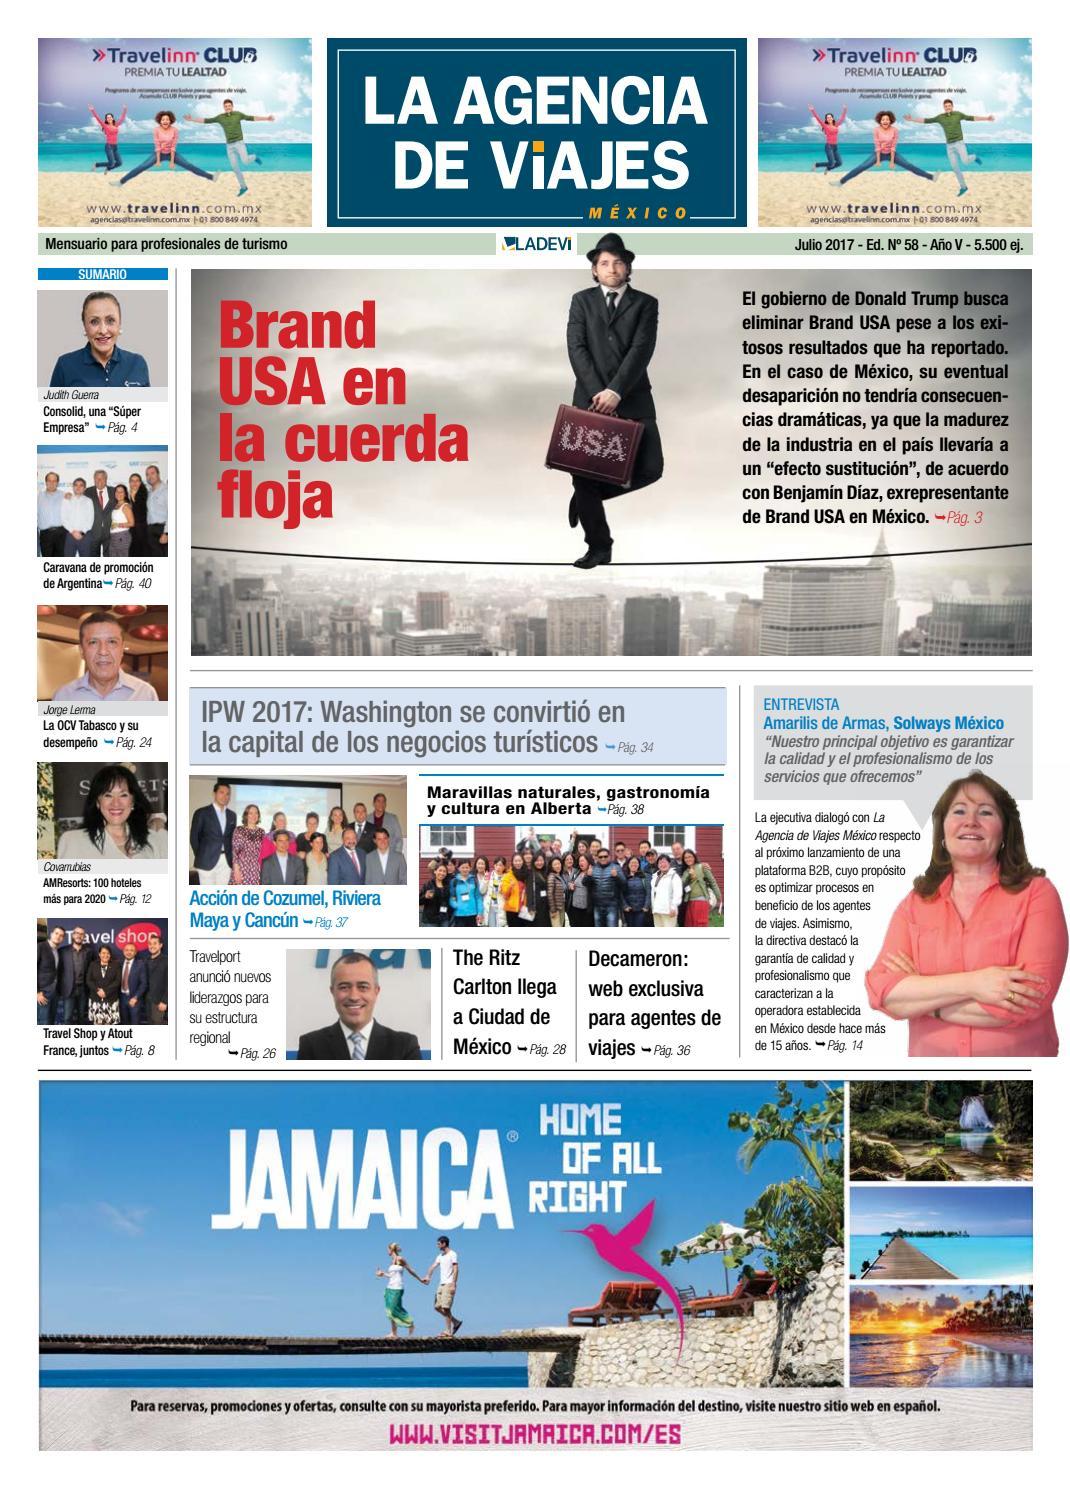 La Agencia de Viajes México Nº 58 by La Agencia de Viajes - issuu